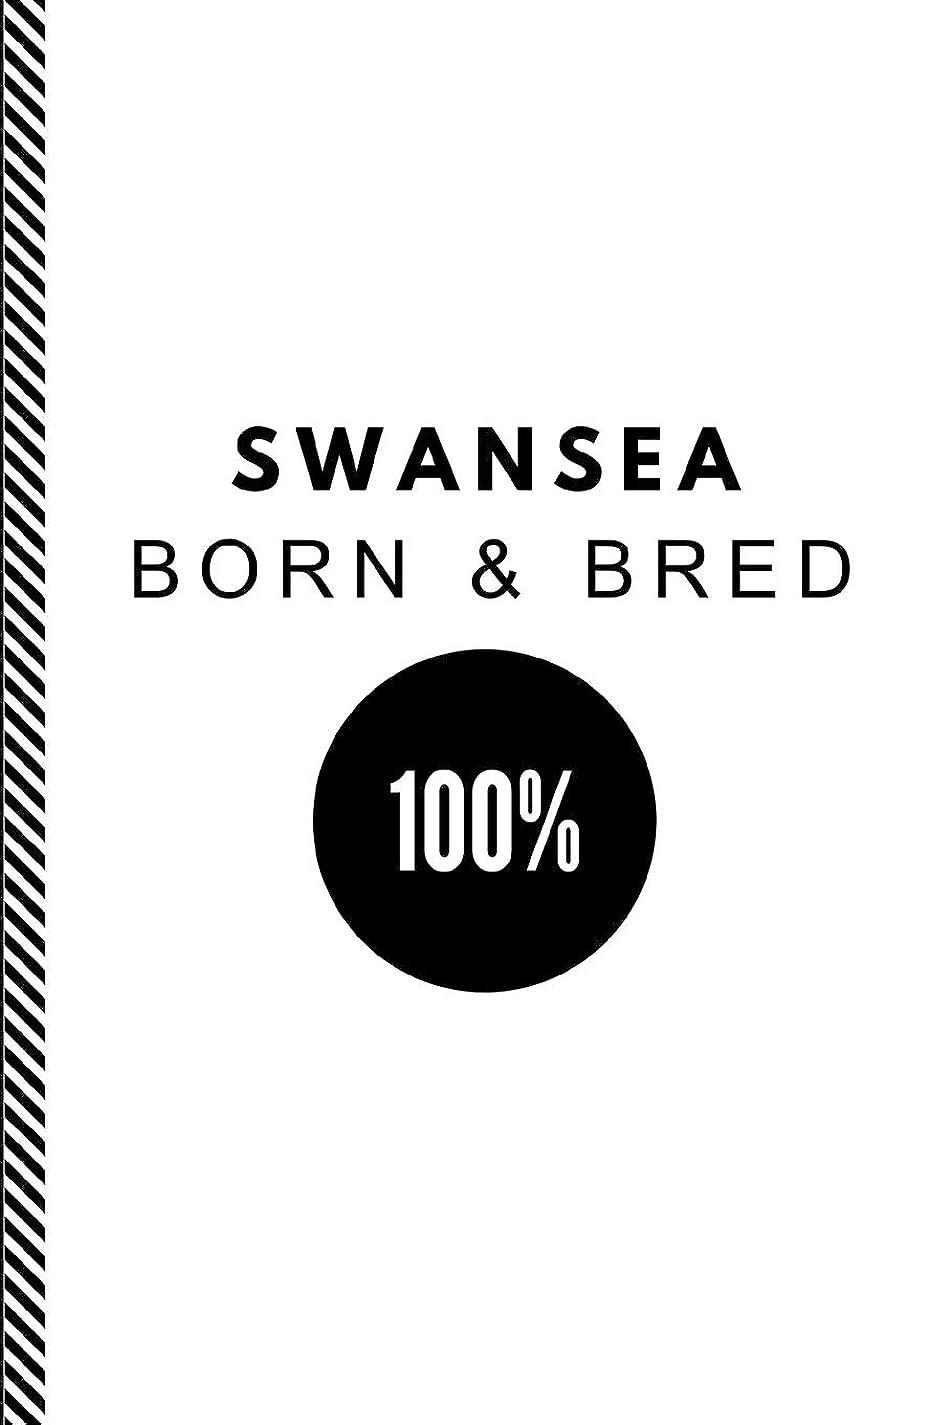 嬉しいです従者後方Swansea Born & Bred 100%: Customised Note Book Journal